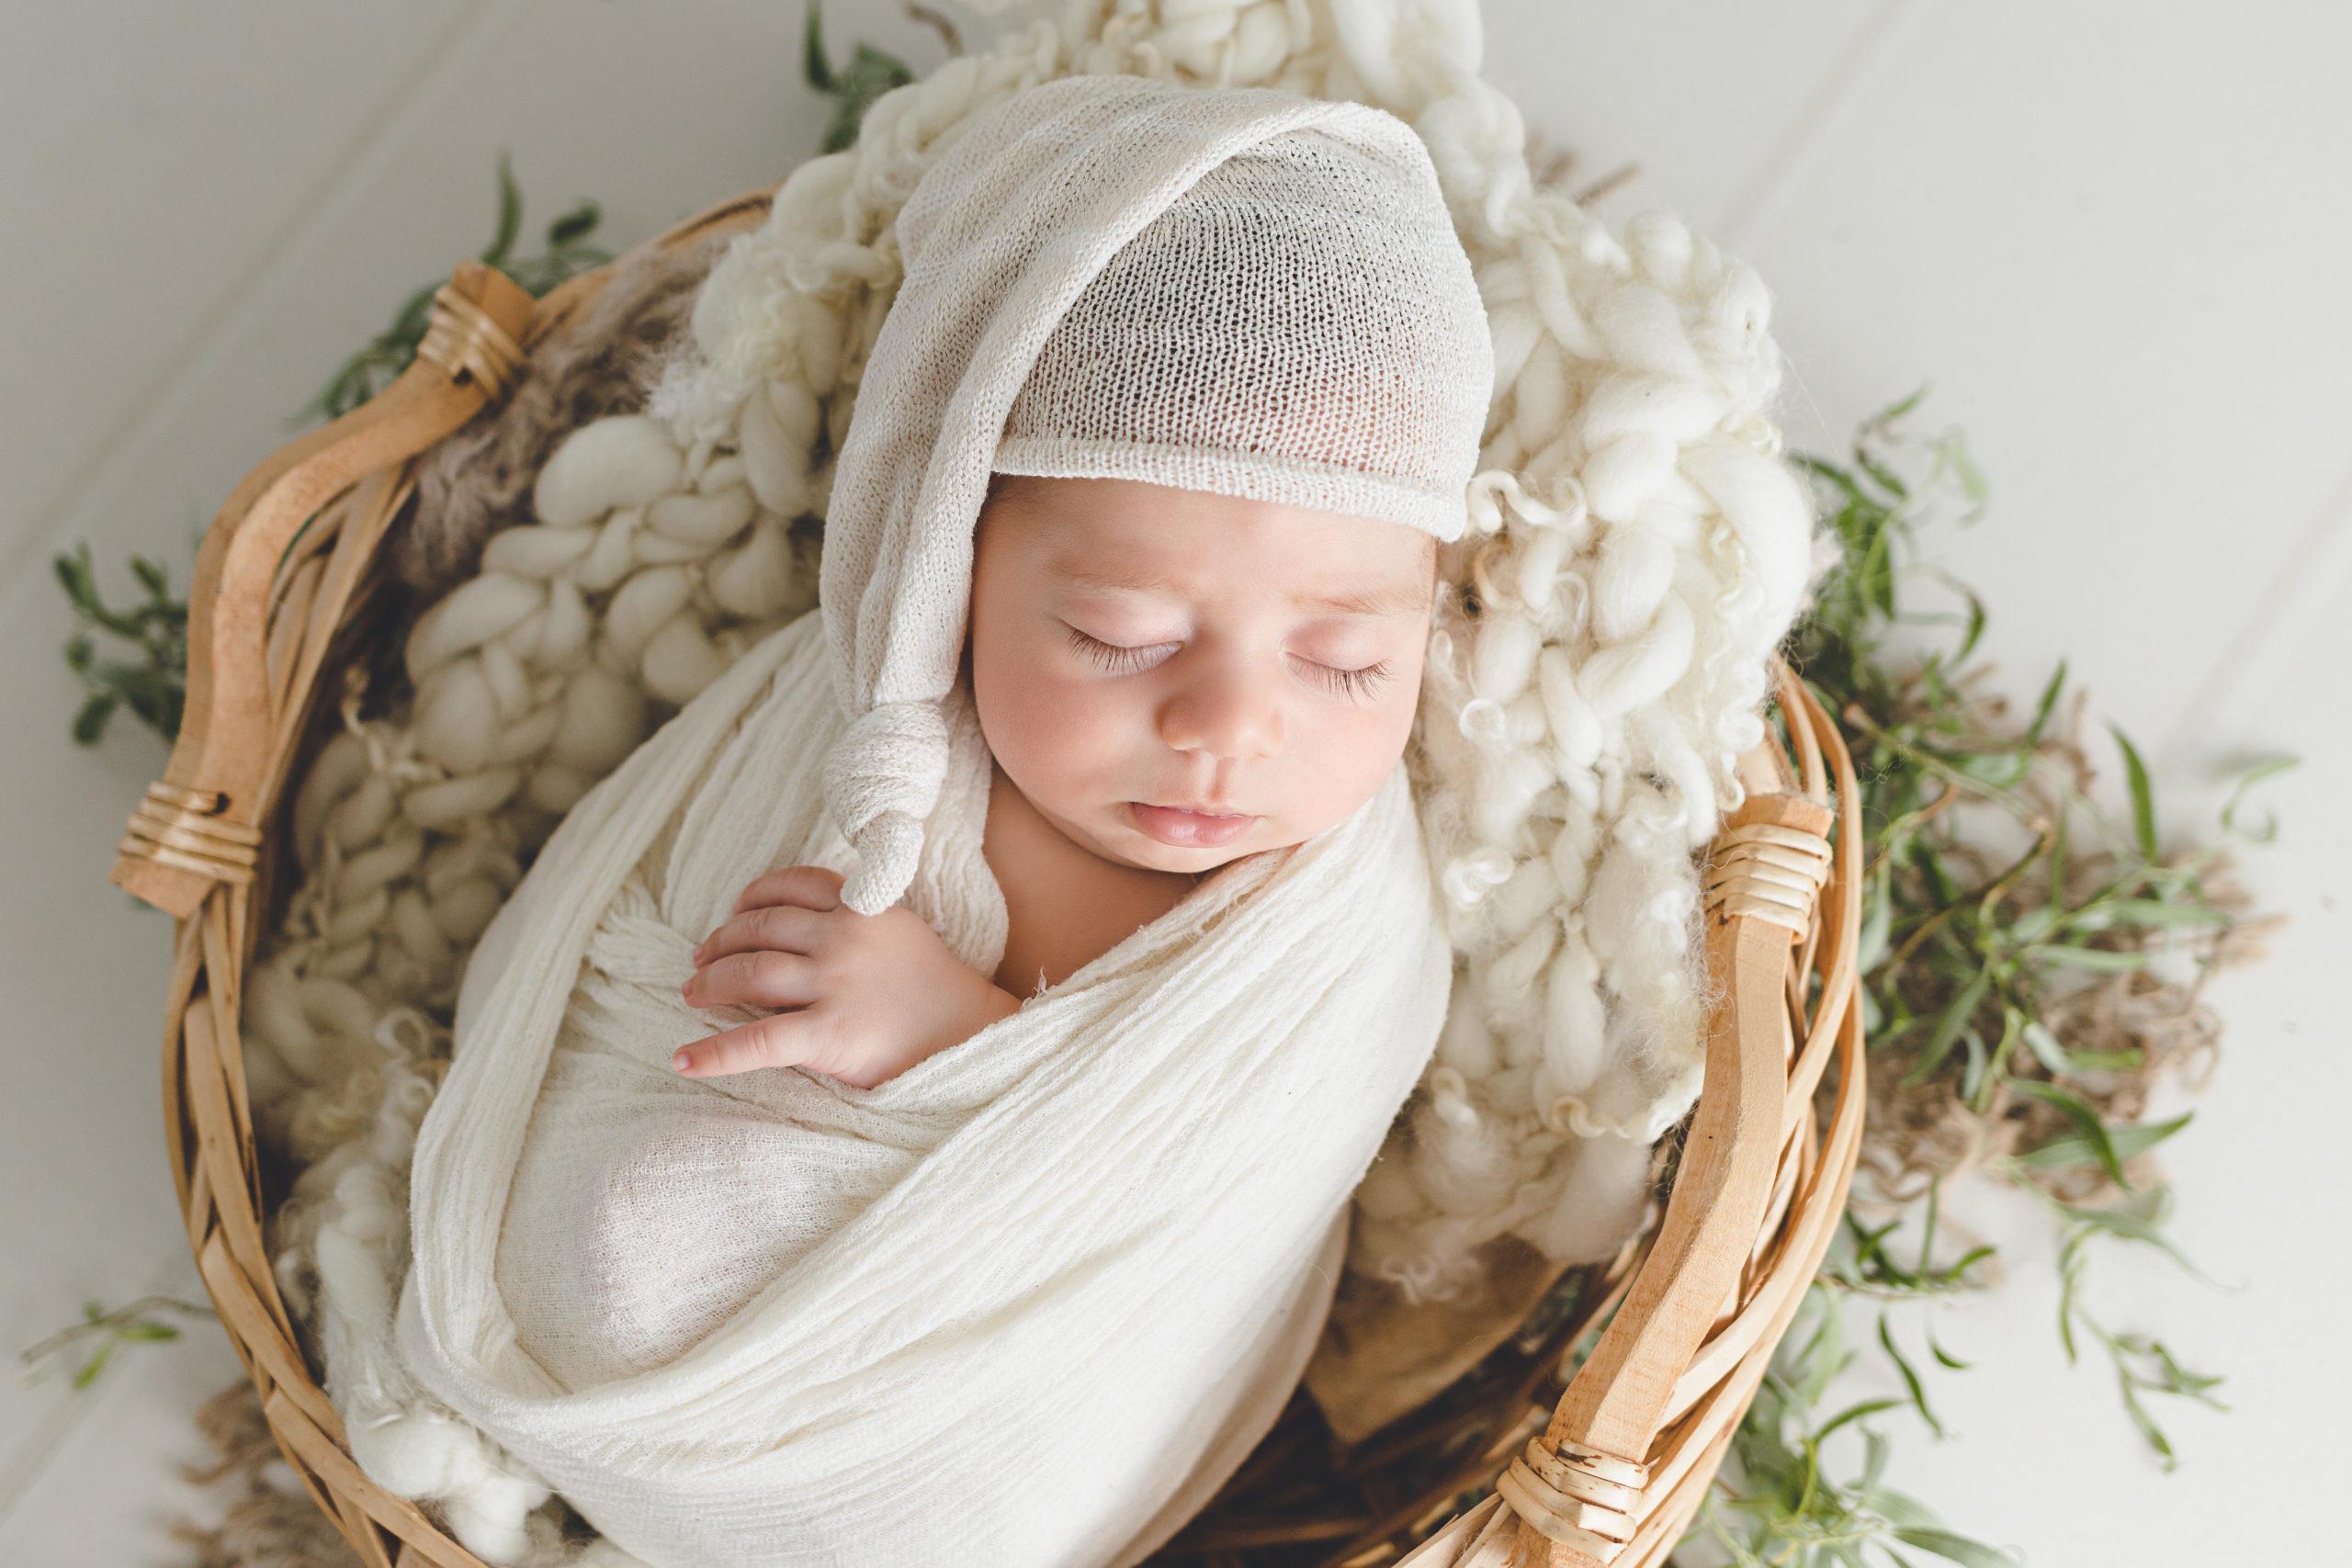 photo nouveau-né bébé bonnet homeostasie photographie Liège